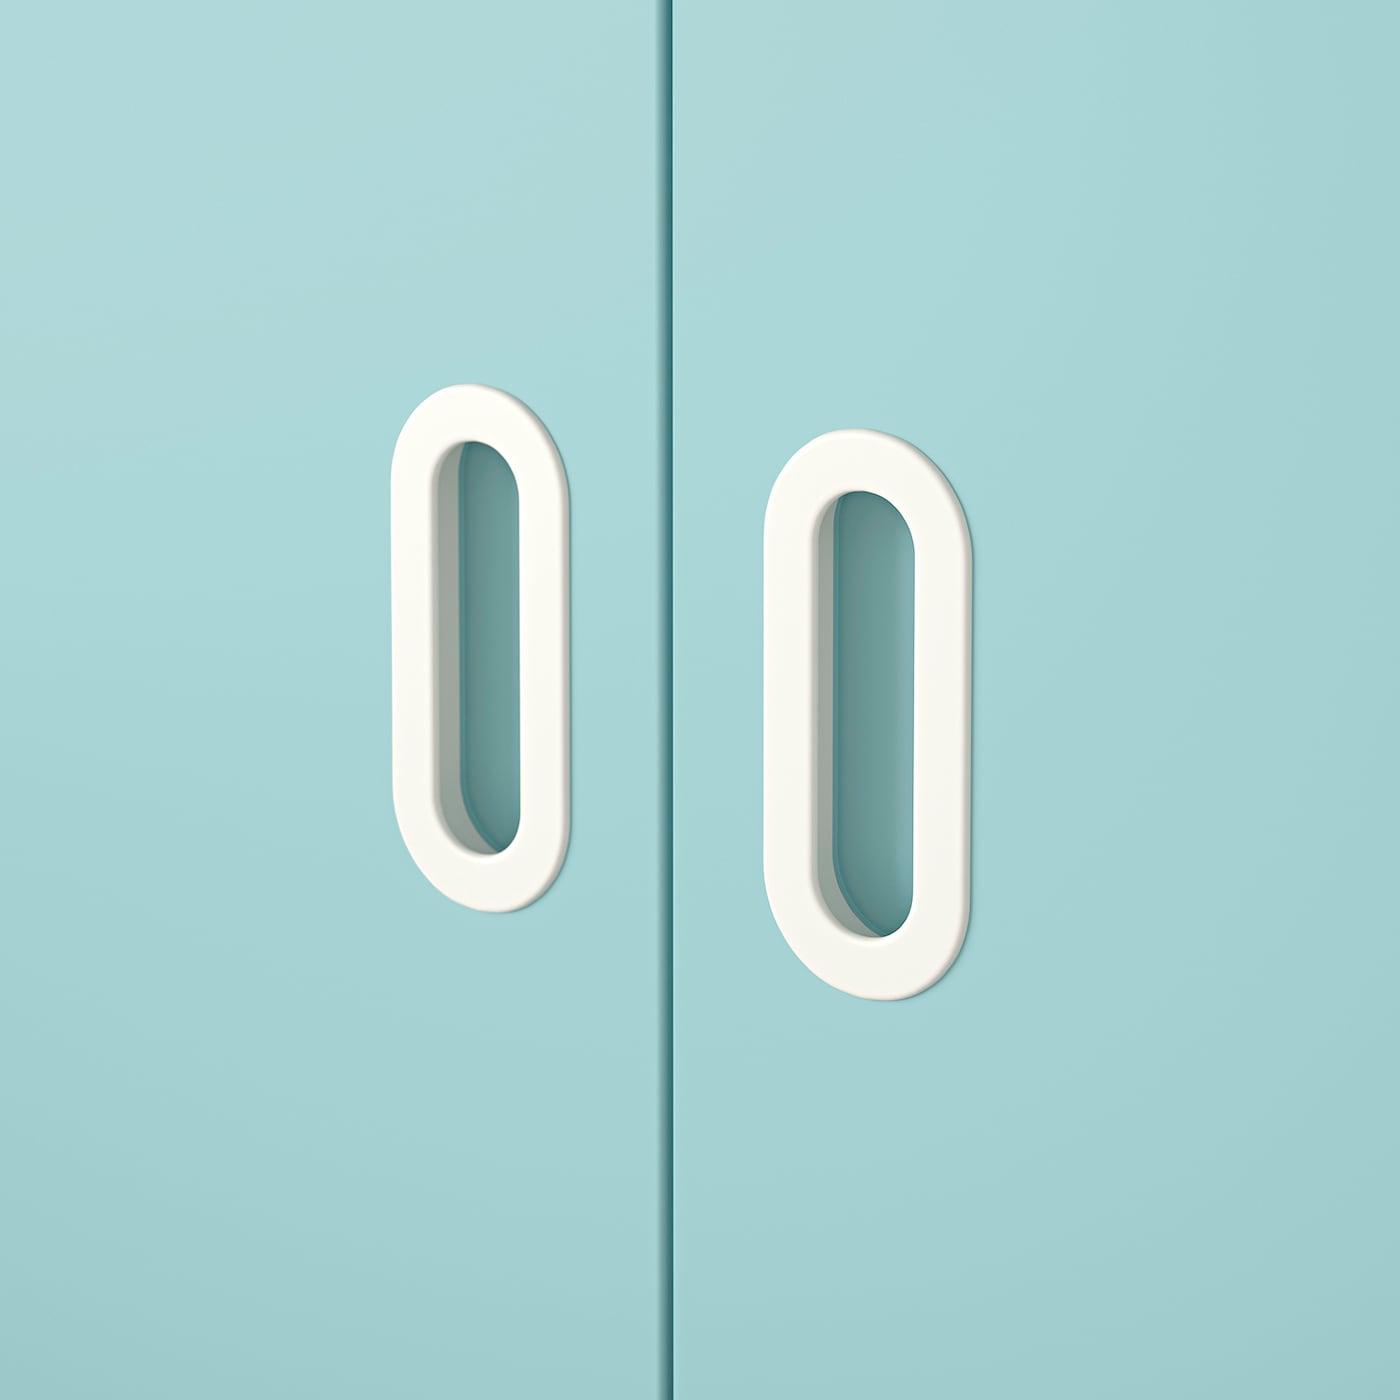 FRITIDS Drzwi, jasnoniebieski, 60x64 cm 2 szt.